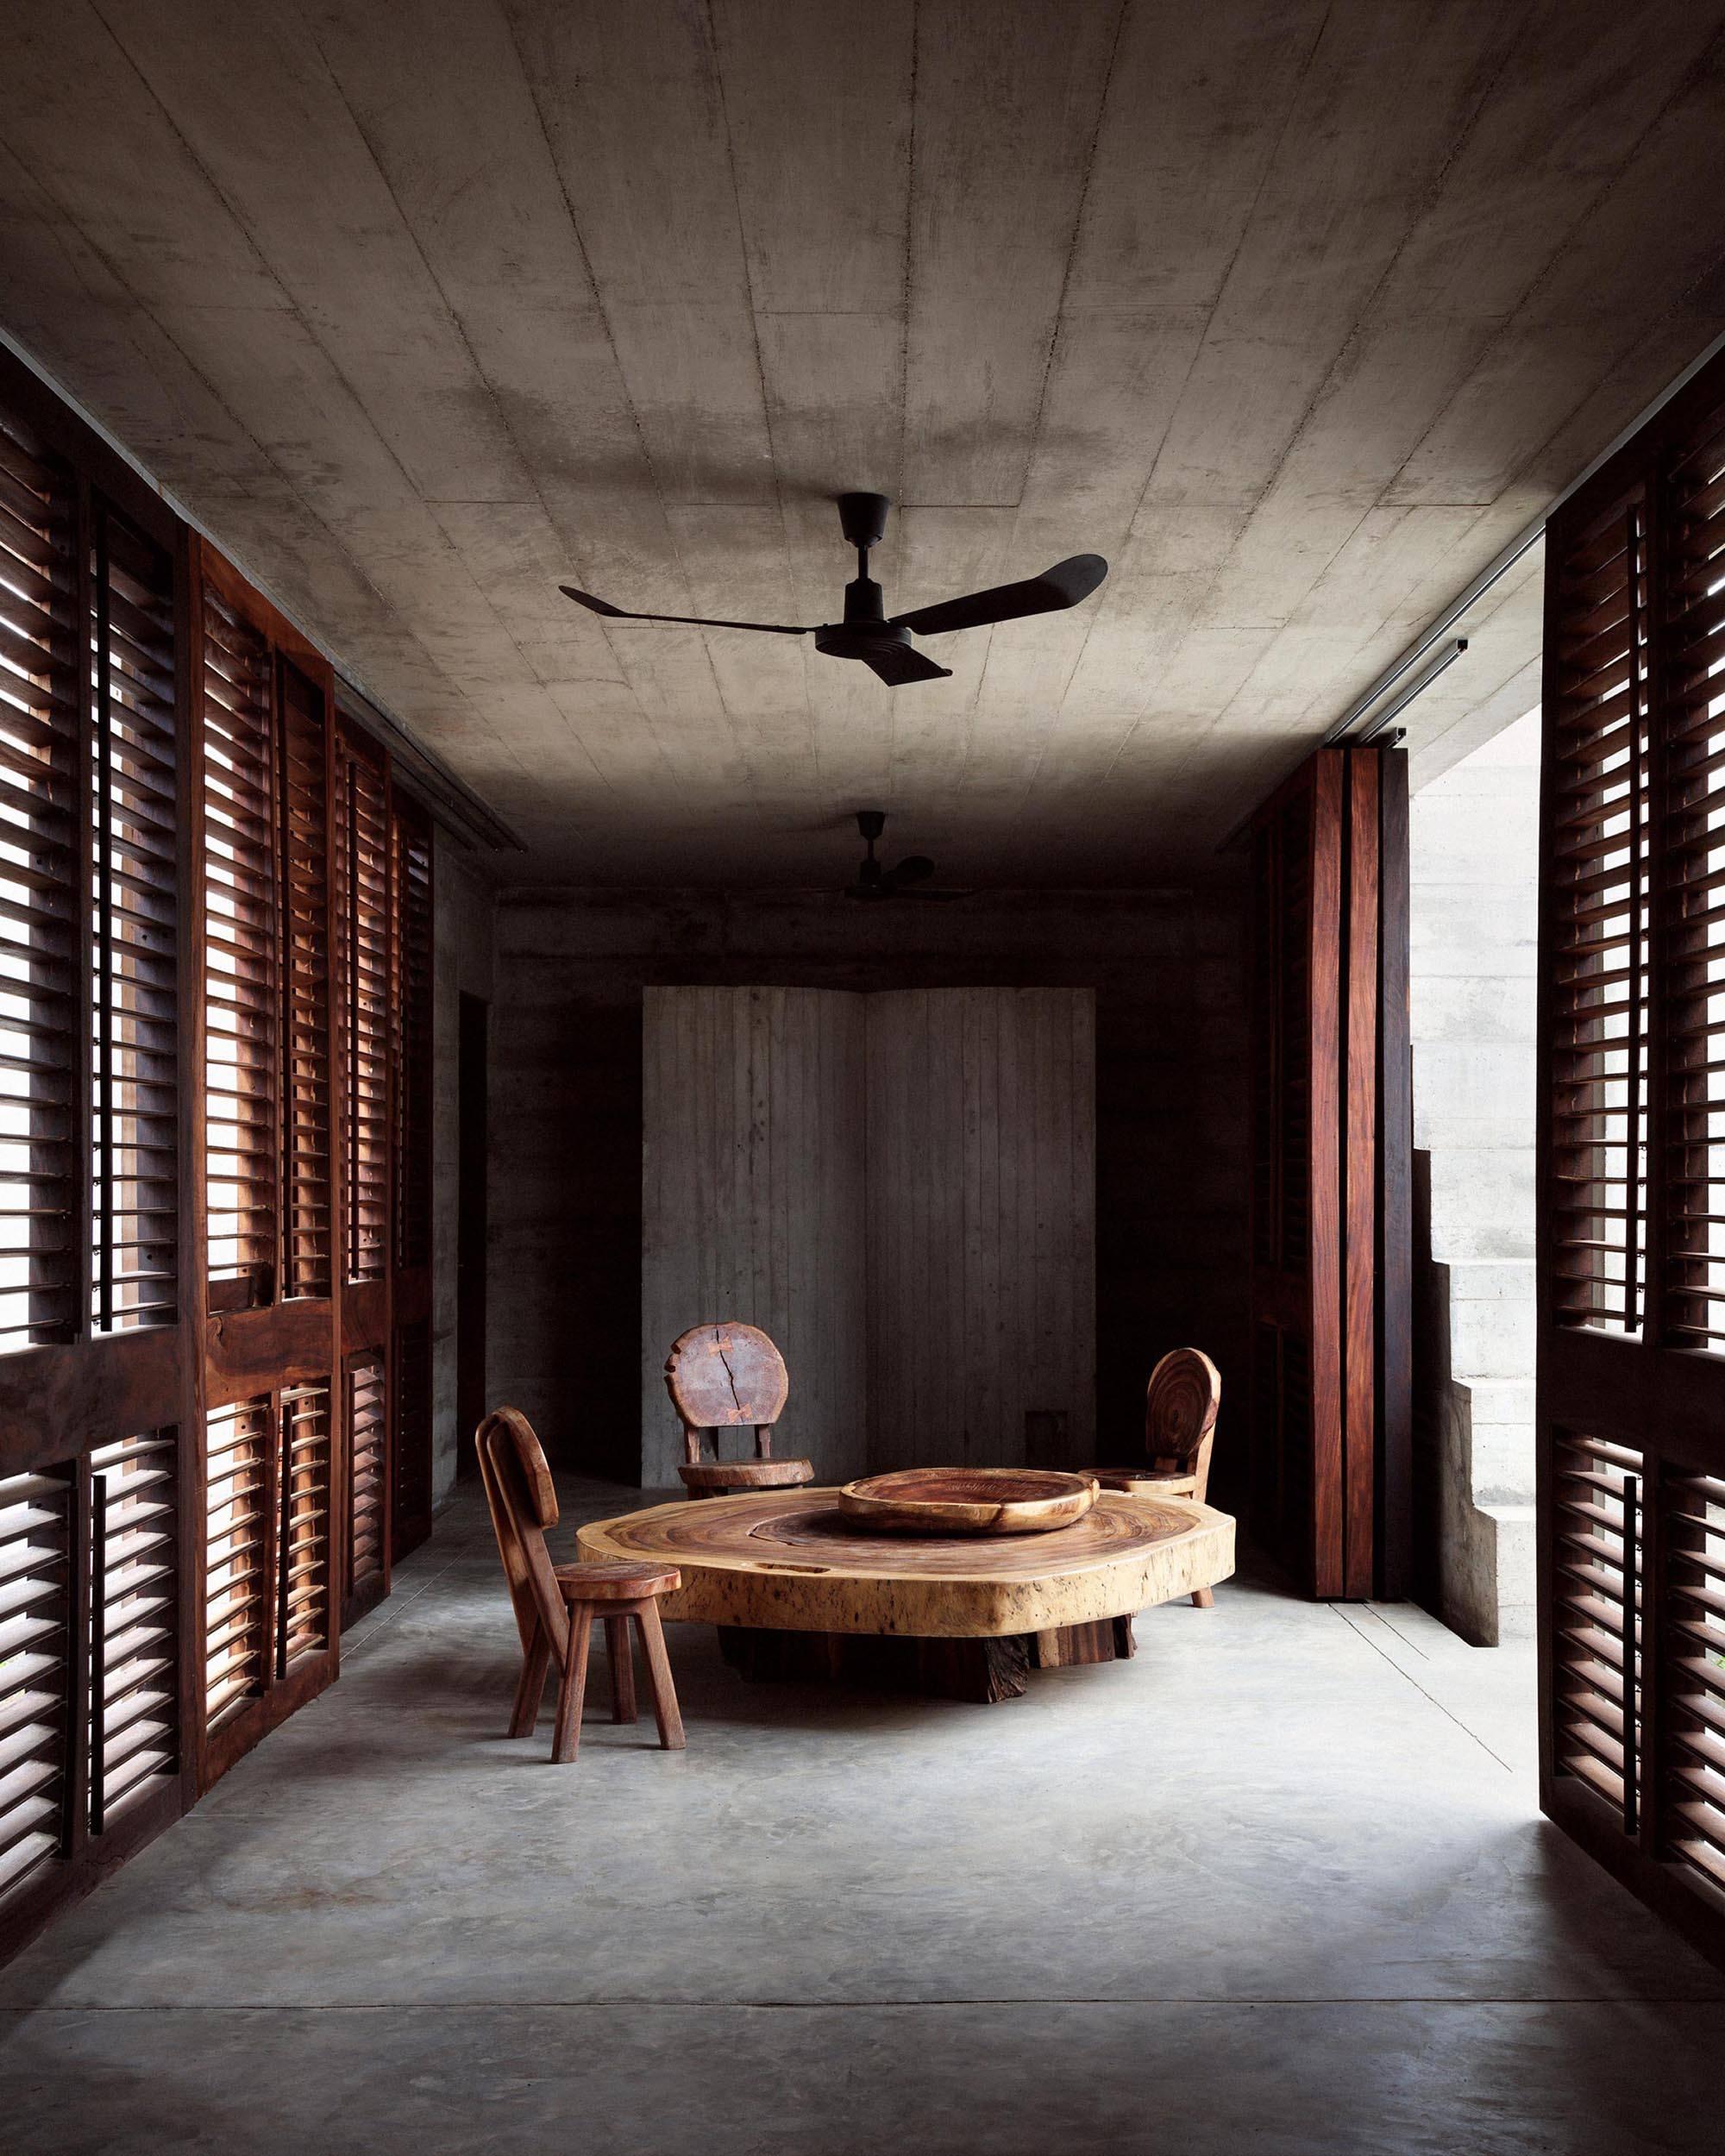 iGNANT-Architecture-Ludwig-Godefroy-Zicatela-House-007